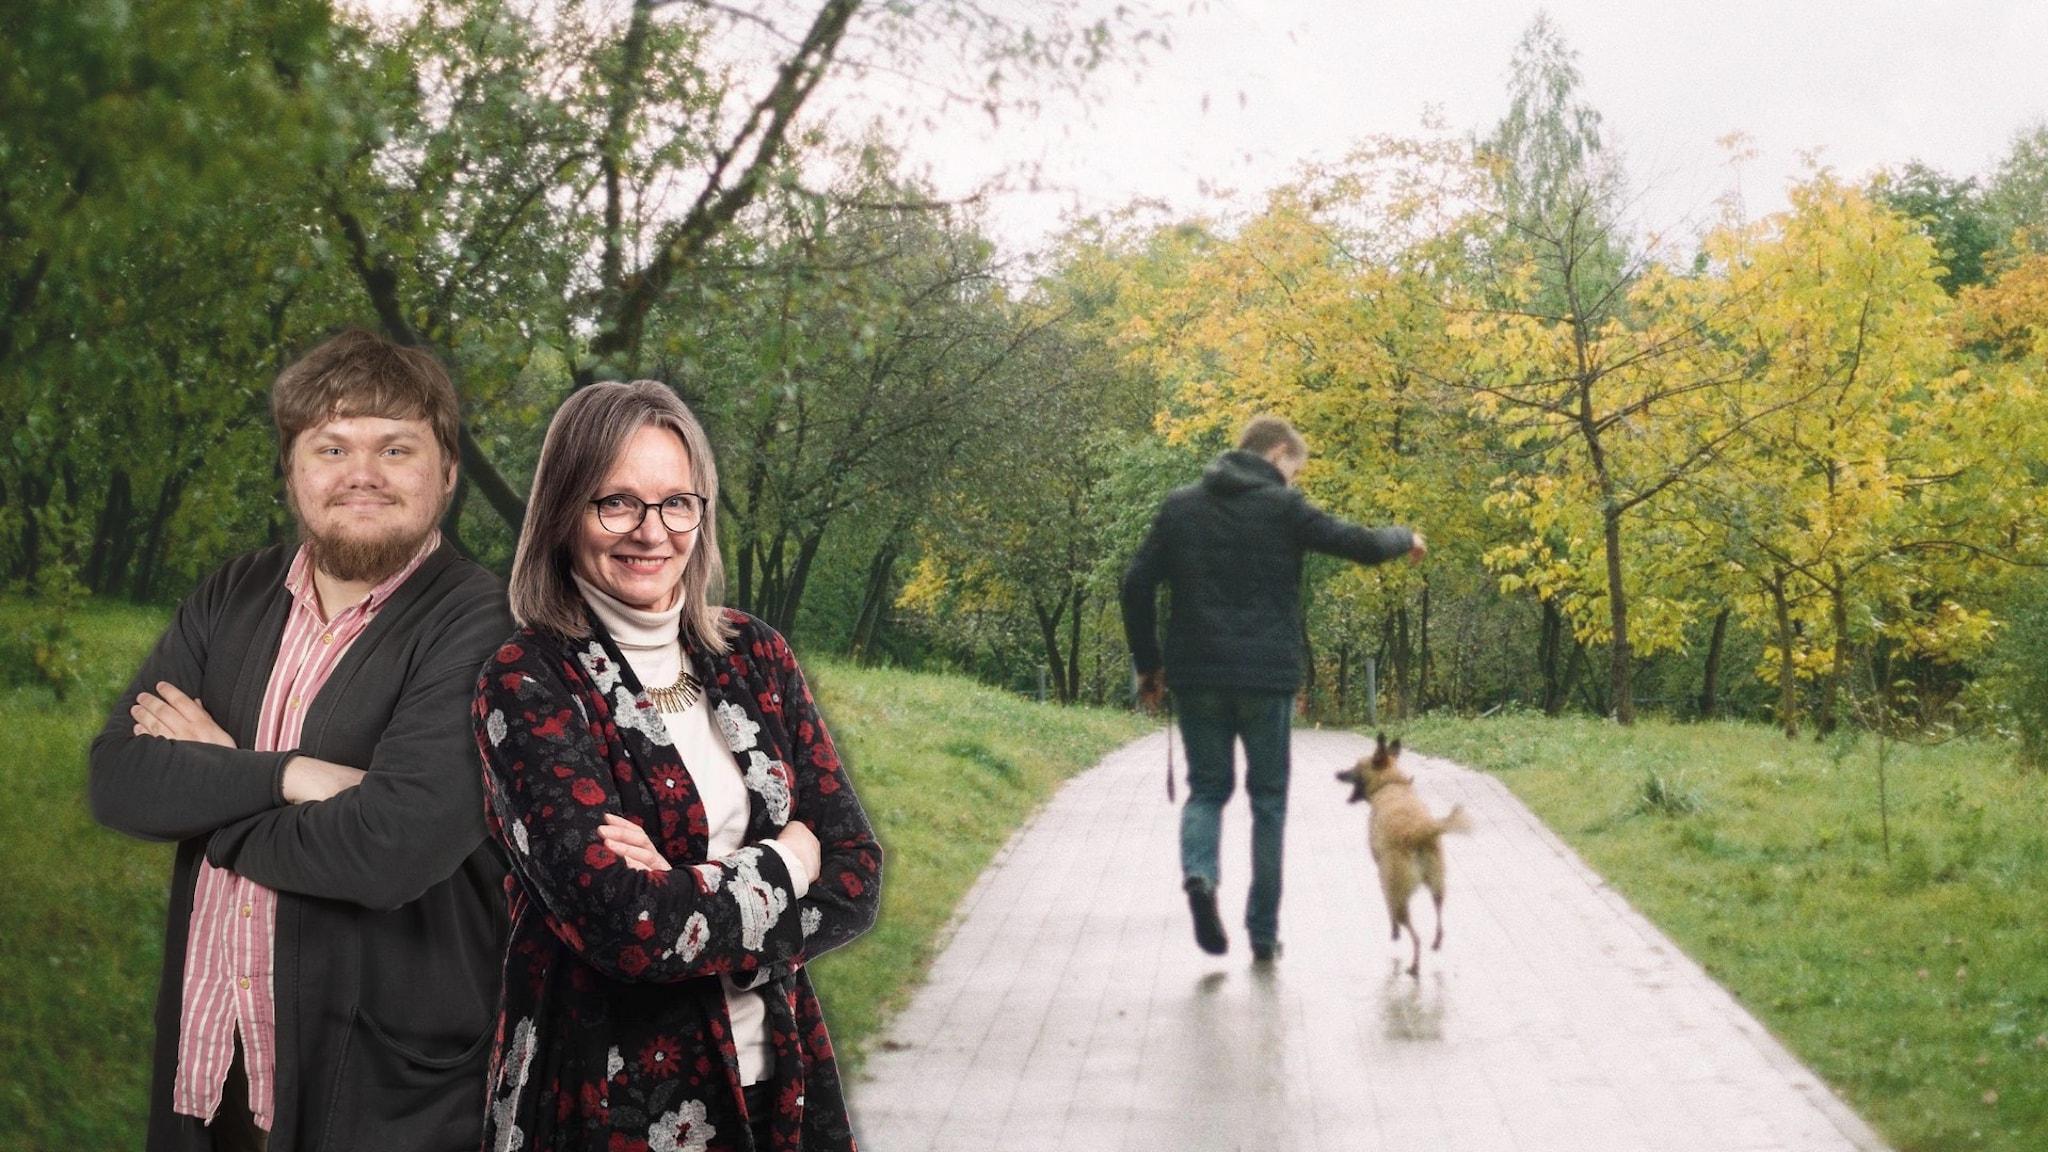 Syksyä kohden, koiran kanssa kevyesti askeltaen, syksyn värit ympärillä